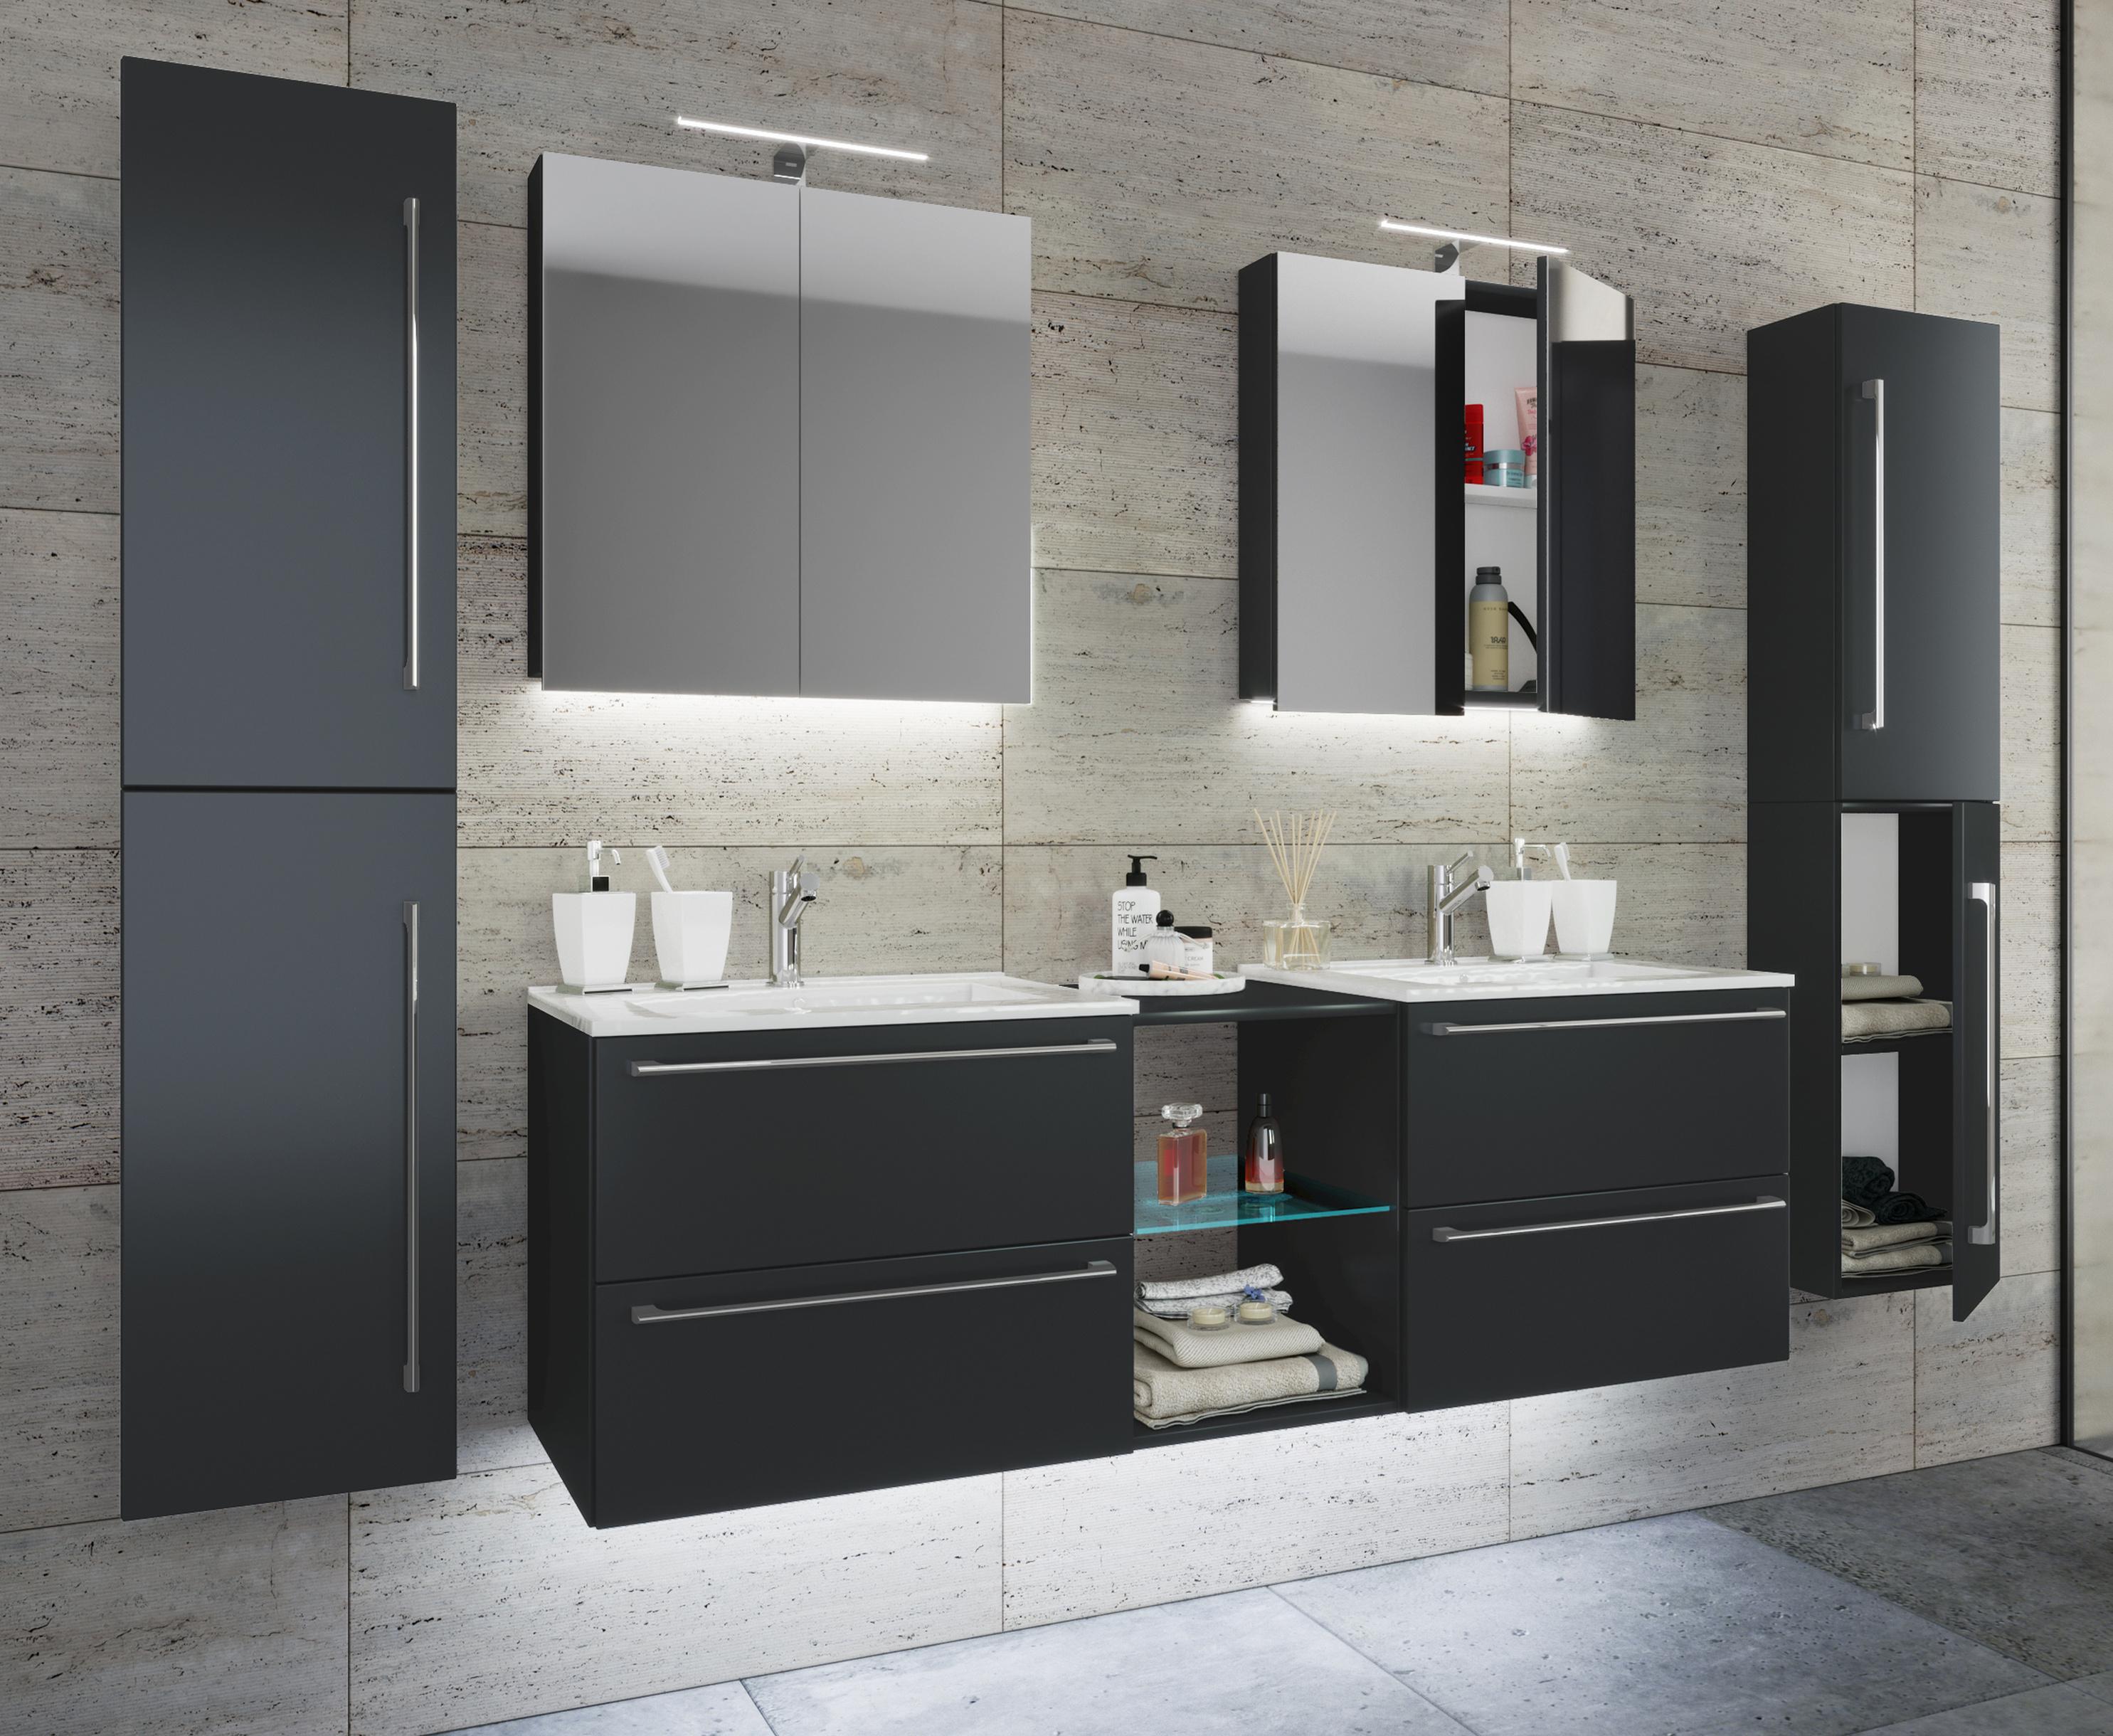 VCM Doppel   Waschplatz Waschtisch Waschbecken Unterschrank